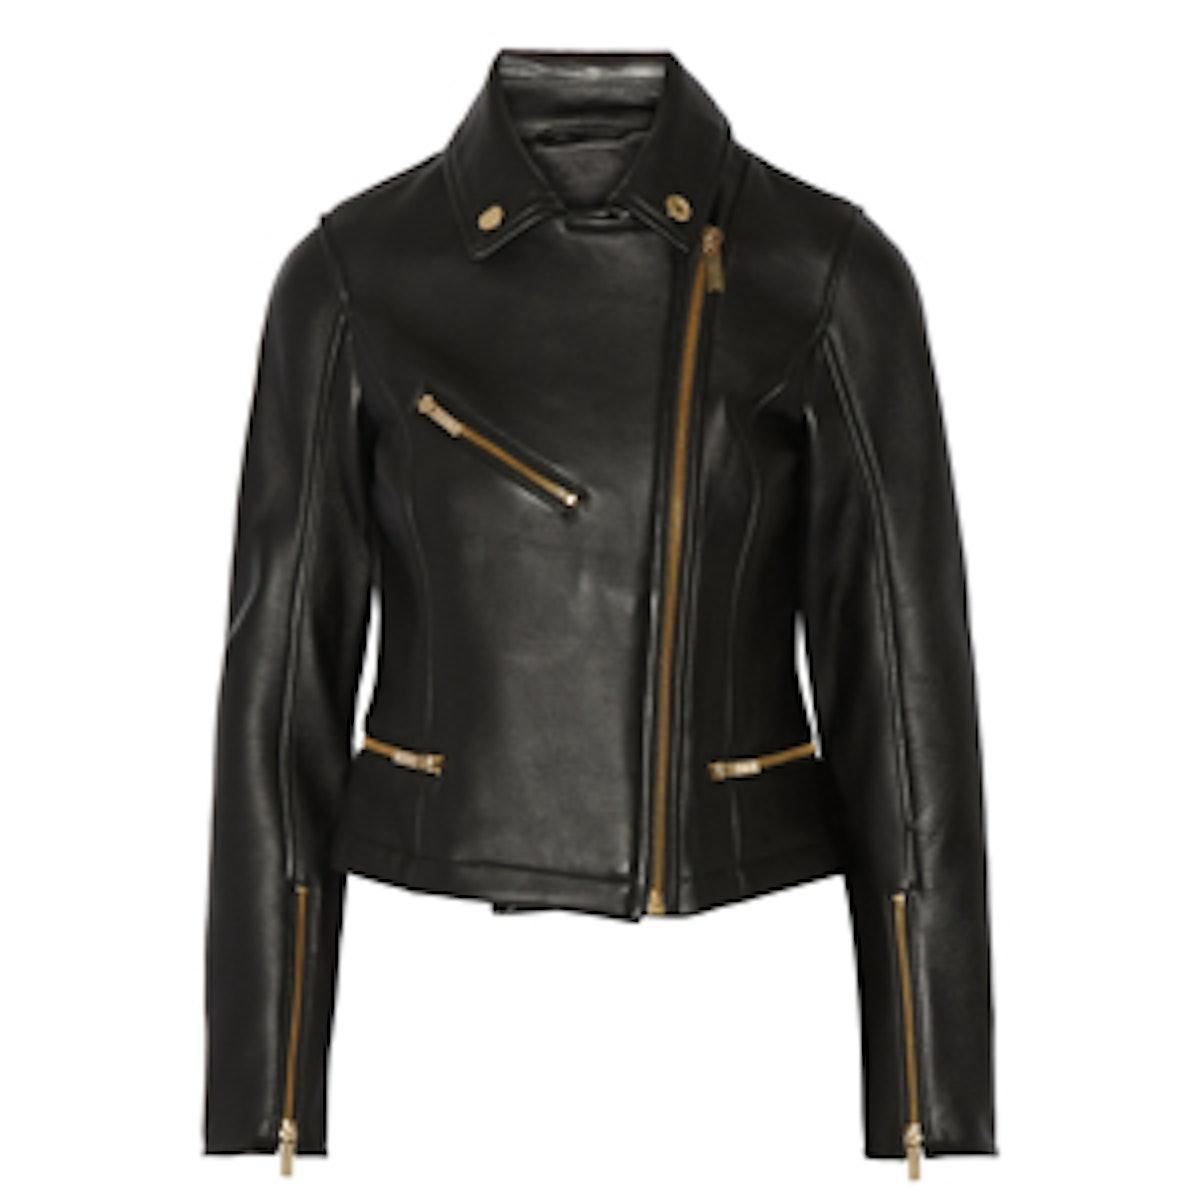 Odina Leather Jacket